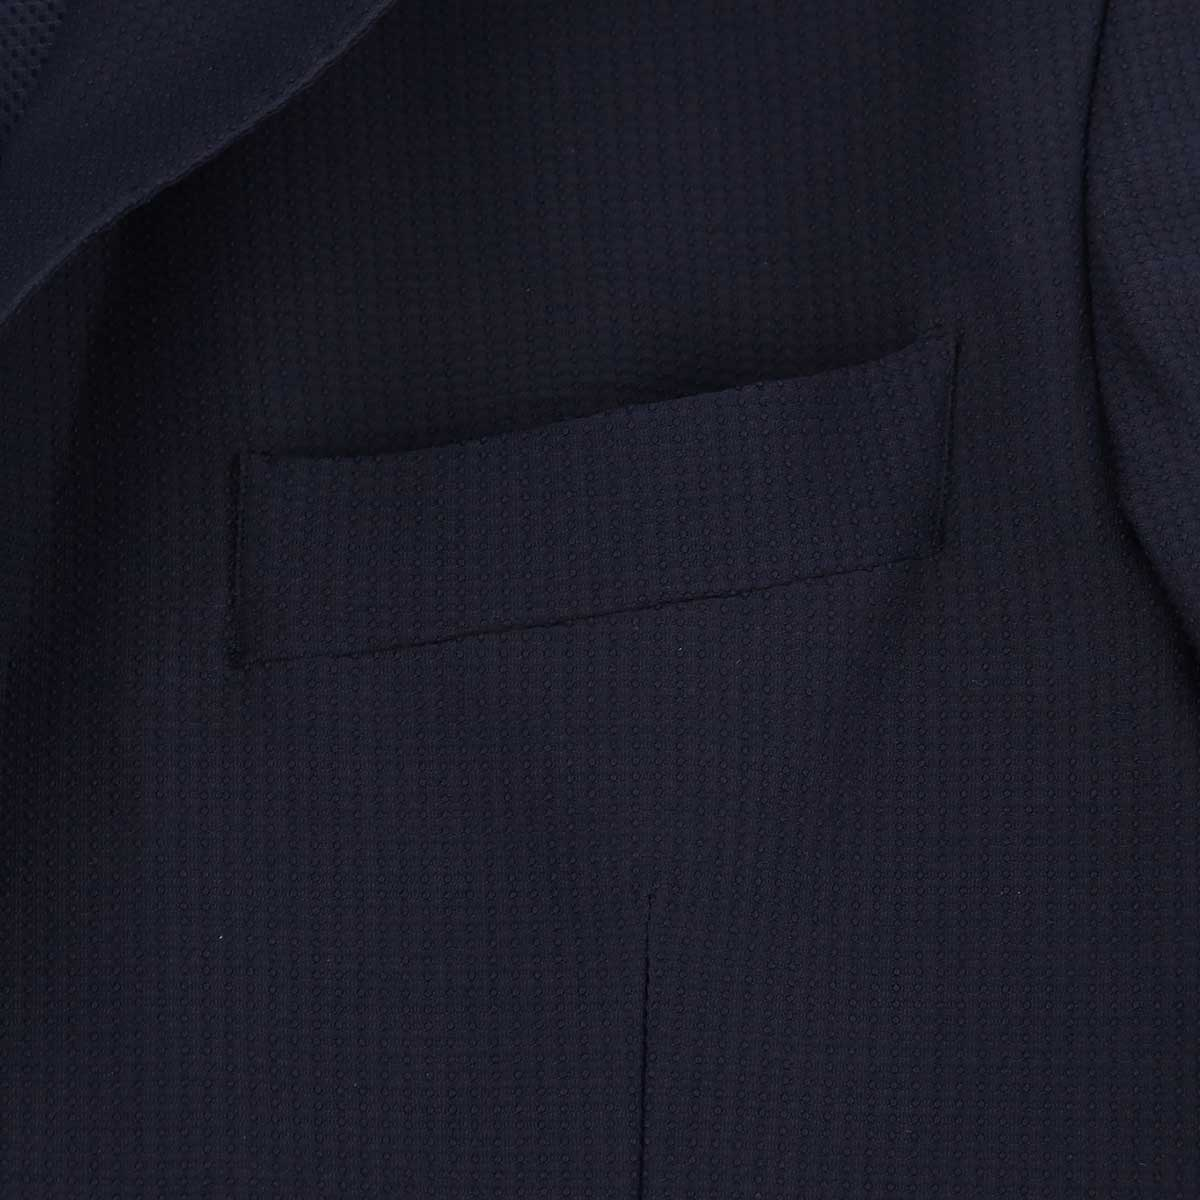 【クリアランスセール】エルビーエム1911 L.B.M.1911 メンズ 撥水 ストレッチ 2B シングルジャケット TRAVEL SPORTS UNIFORM FLY JACKET 0101-28445746 0003(ネイビー)【返品交換不可】